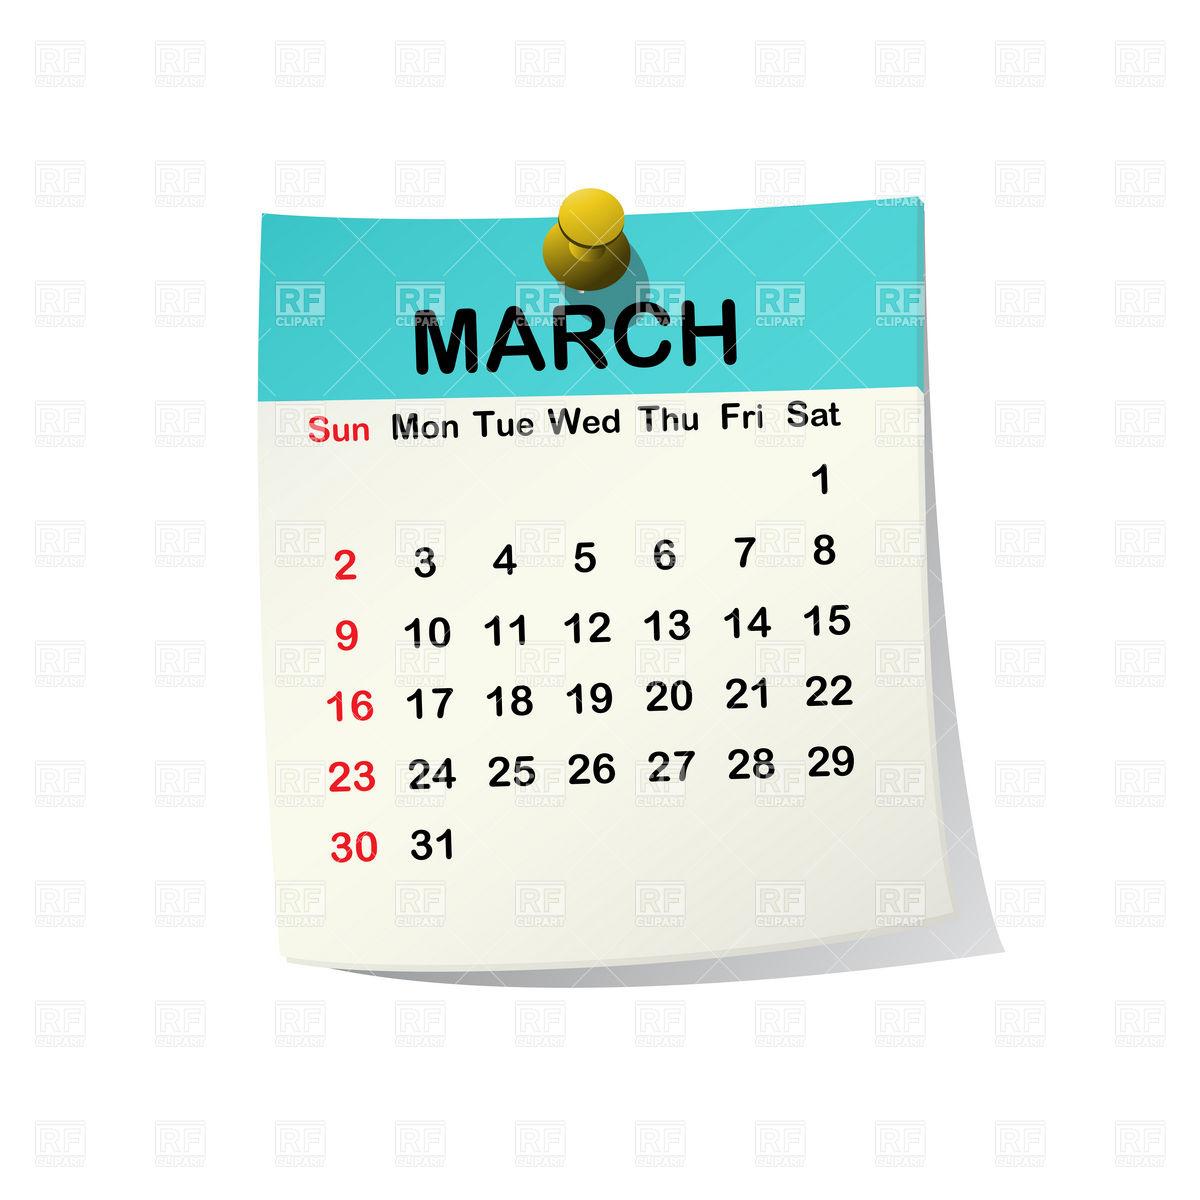 چه بازی های مهمی در ماه مارس خواهند آمد!؟ | مروری بر بازی های مهمی که در این ماه منتشر می شوند